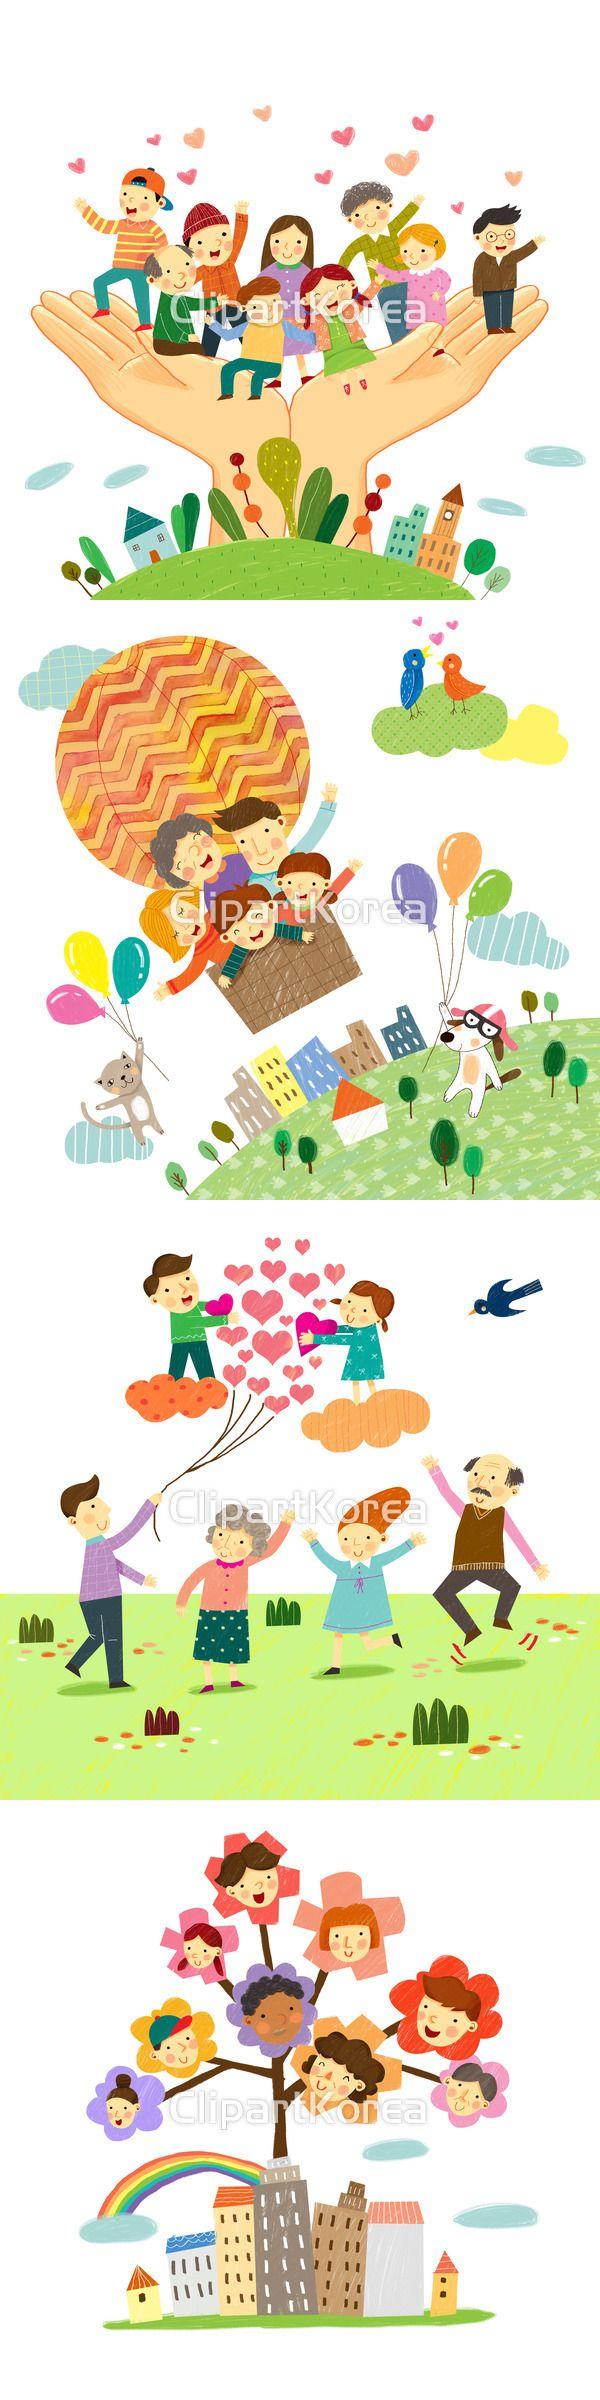 일러스트 가족 구름 귀여움 글로벌 꽃 꿈 나무 나뭇가지 남자 남자어린이 노년 다민족 딸 무늬 무지개 미소 부부 빌딩 사랑 서기 소통 아들 아빠…